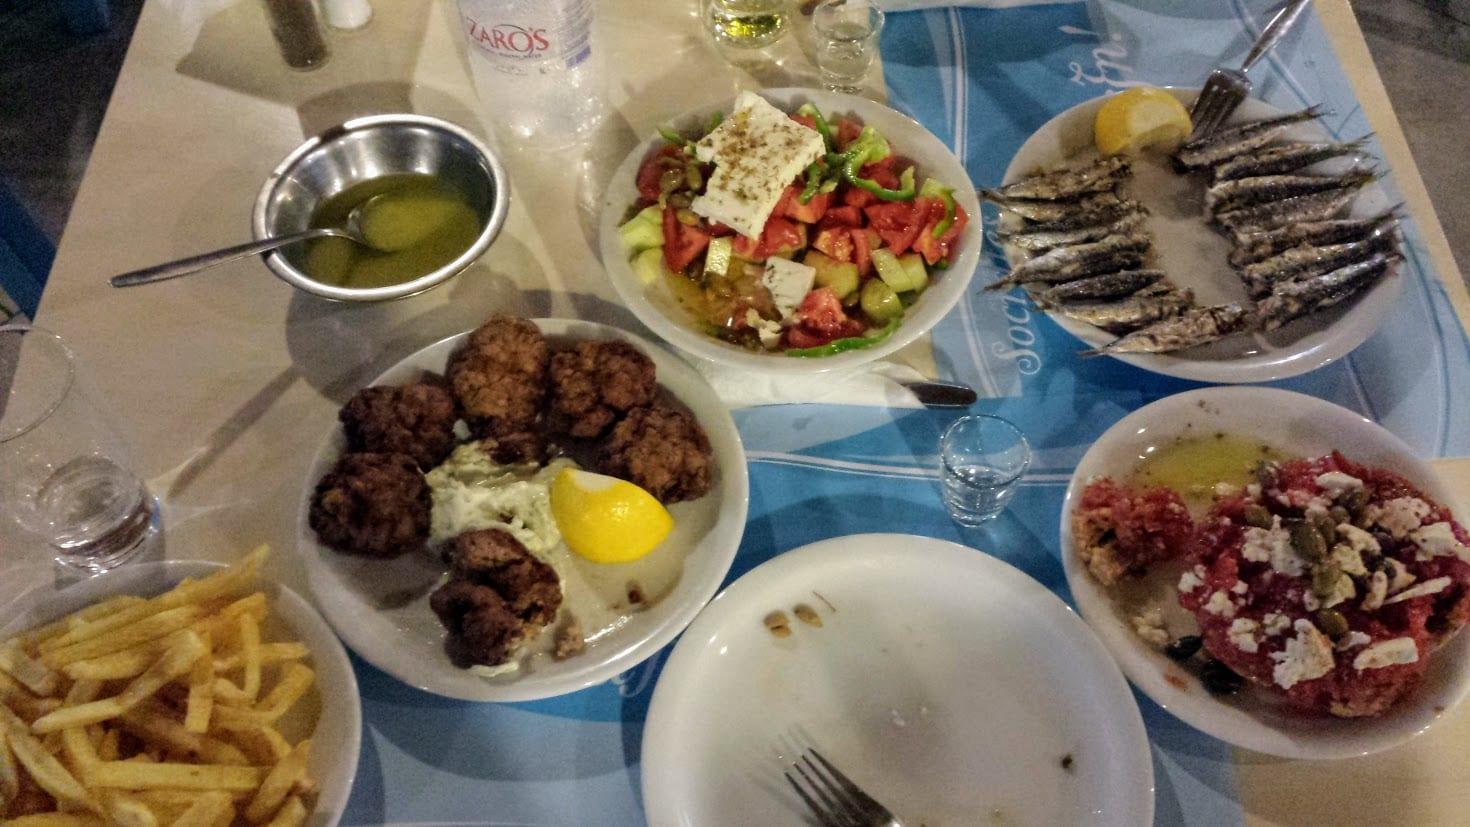 Sampling the authentic cuisine in Crete